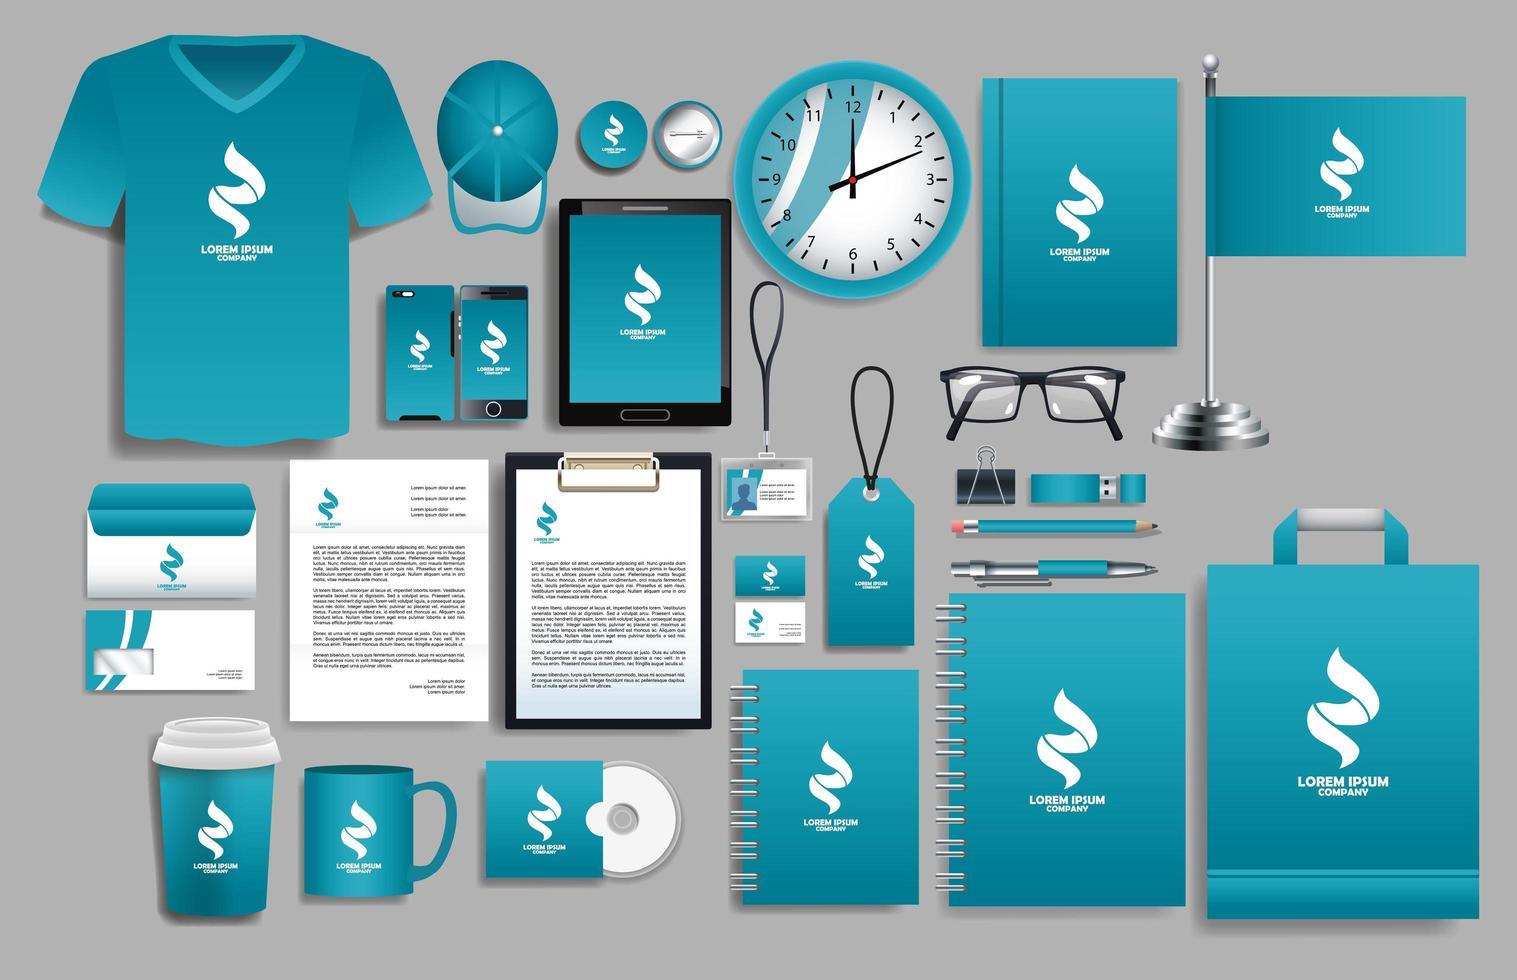 conjunto de elementos de logotipo azul y blanco con plantillas de papelería vector